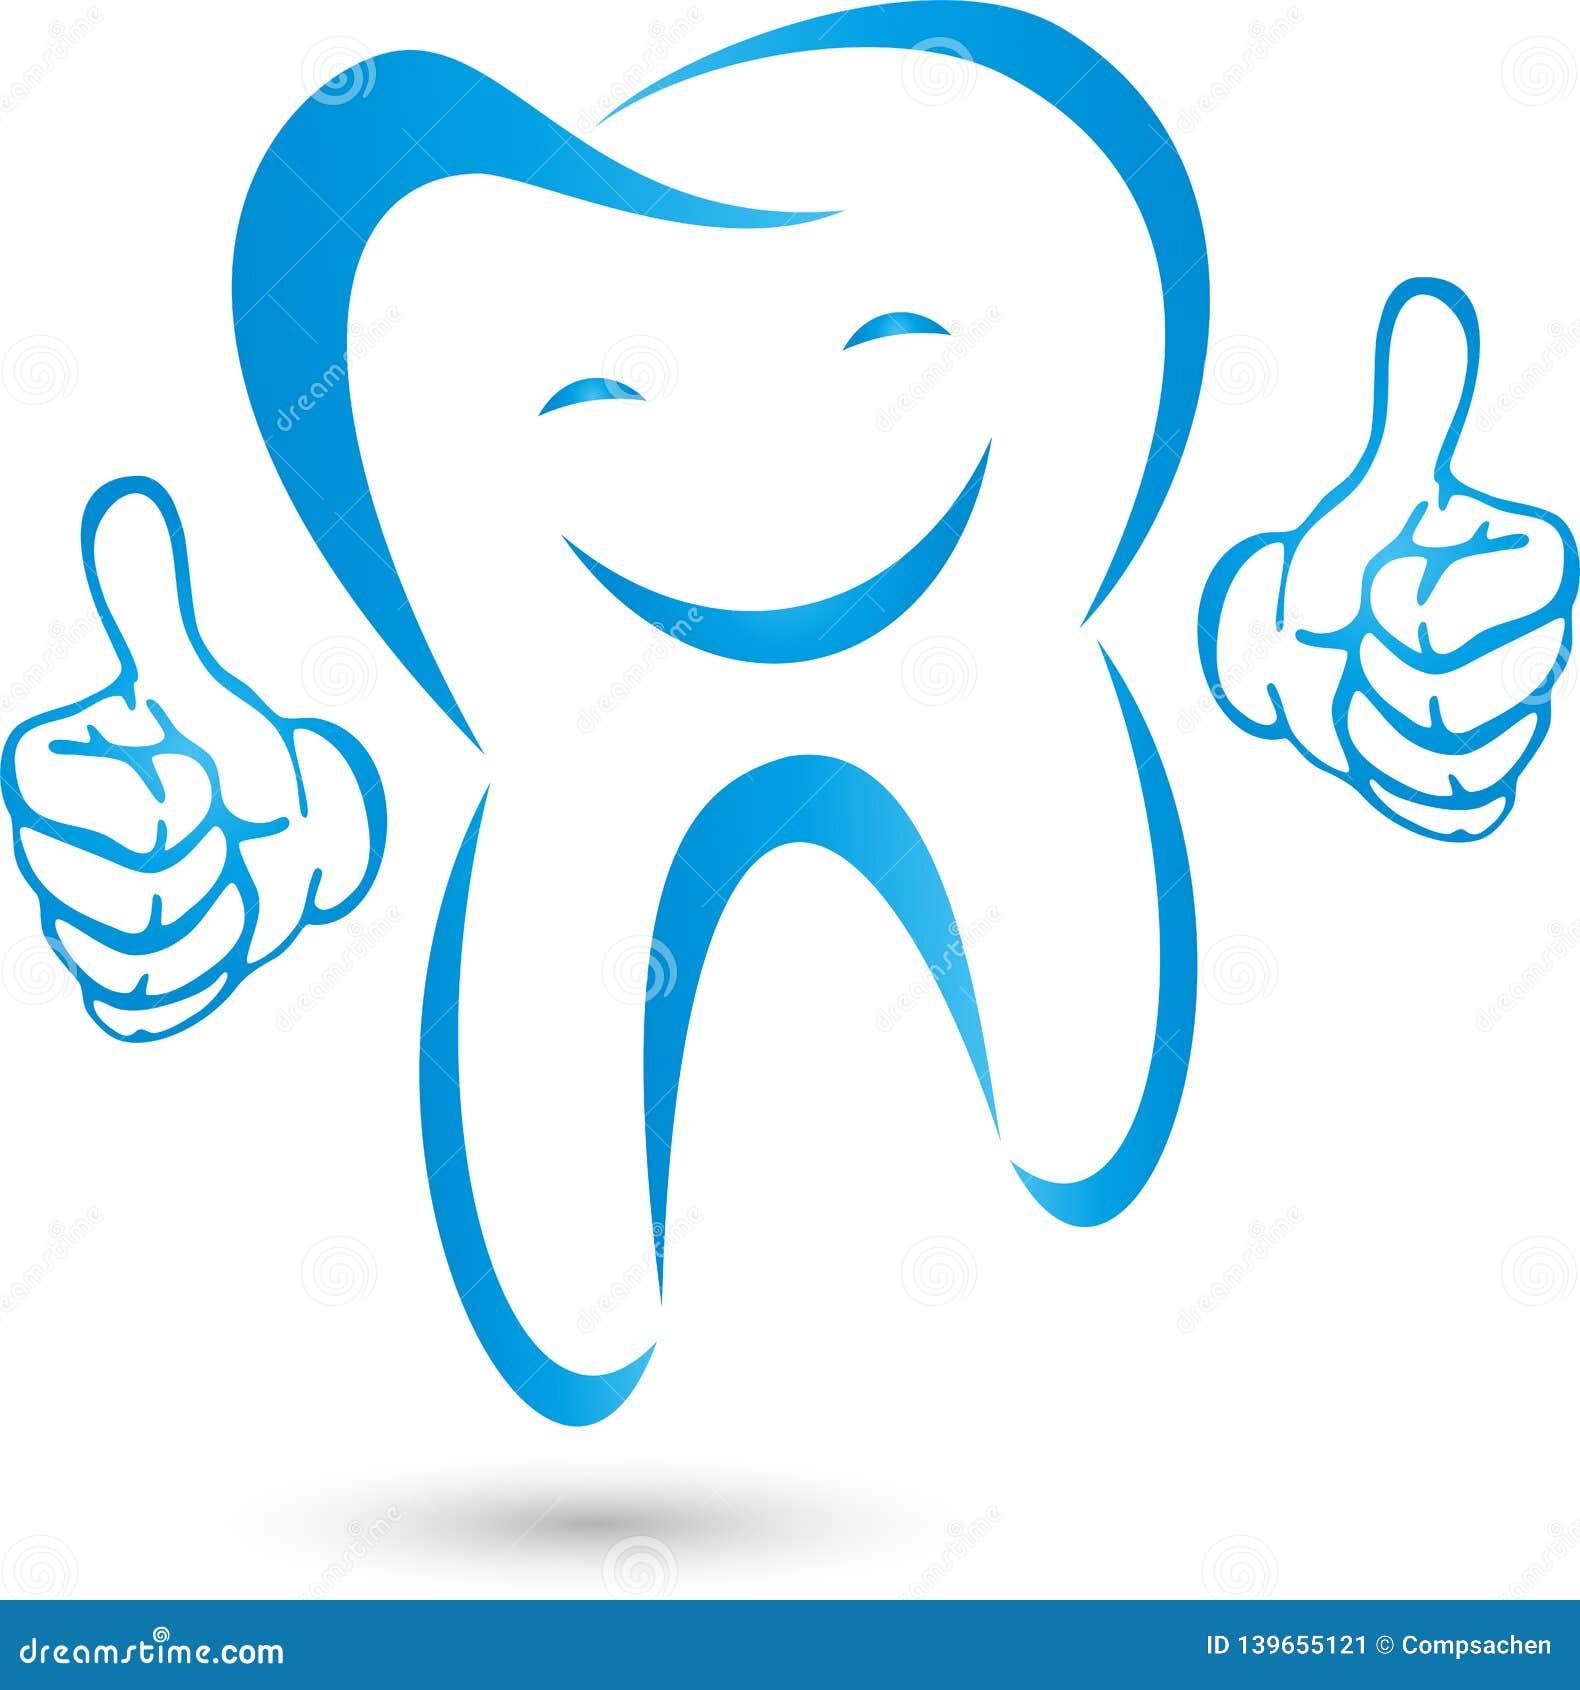 Dente com mãos e sorriso, dente no azul, logotipo da odontologia, dente e logotipo dos cuidados dentários, ícone do dente